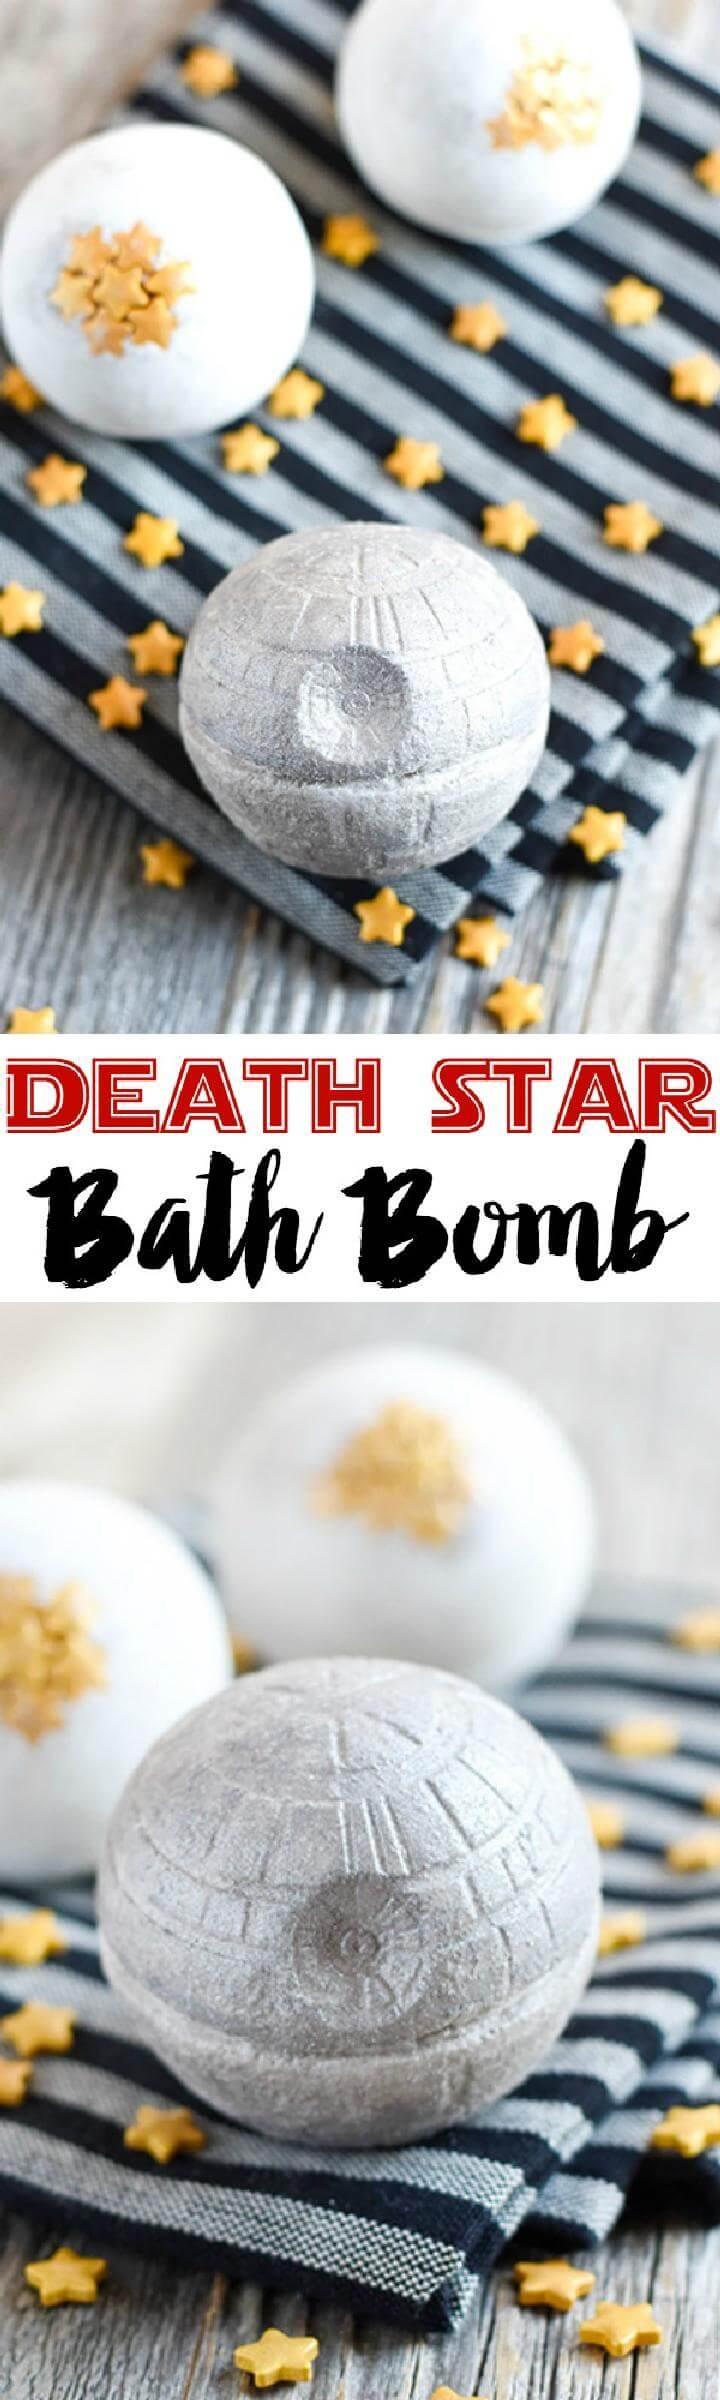 DIY Beautiful Death Star Bath Bomb